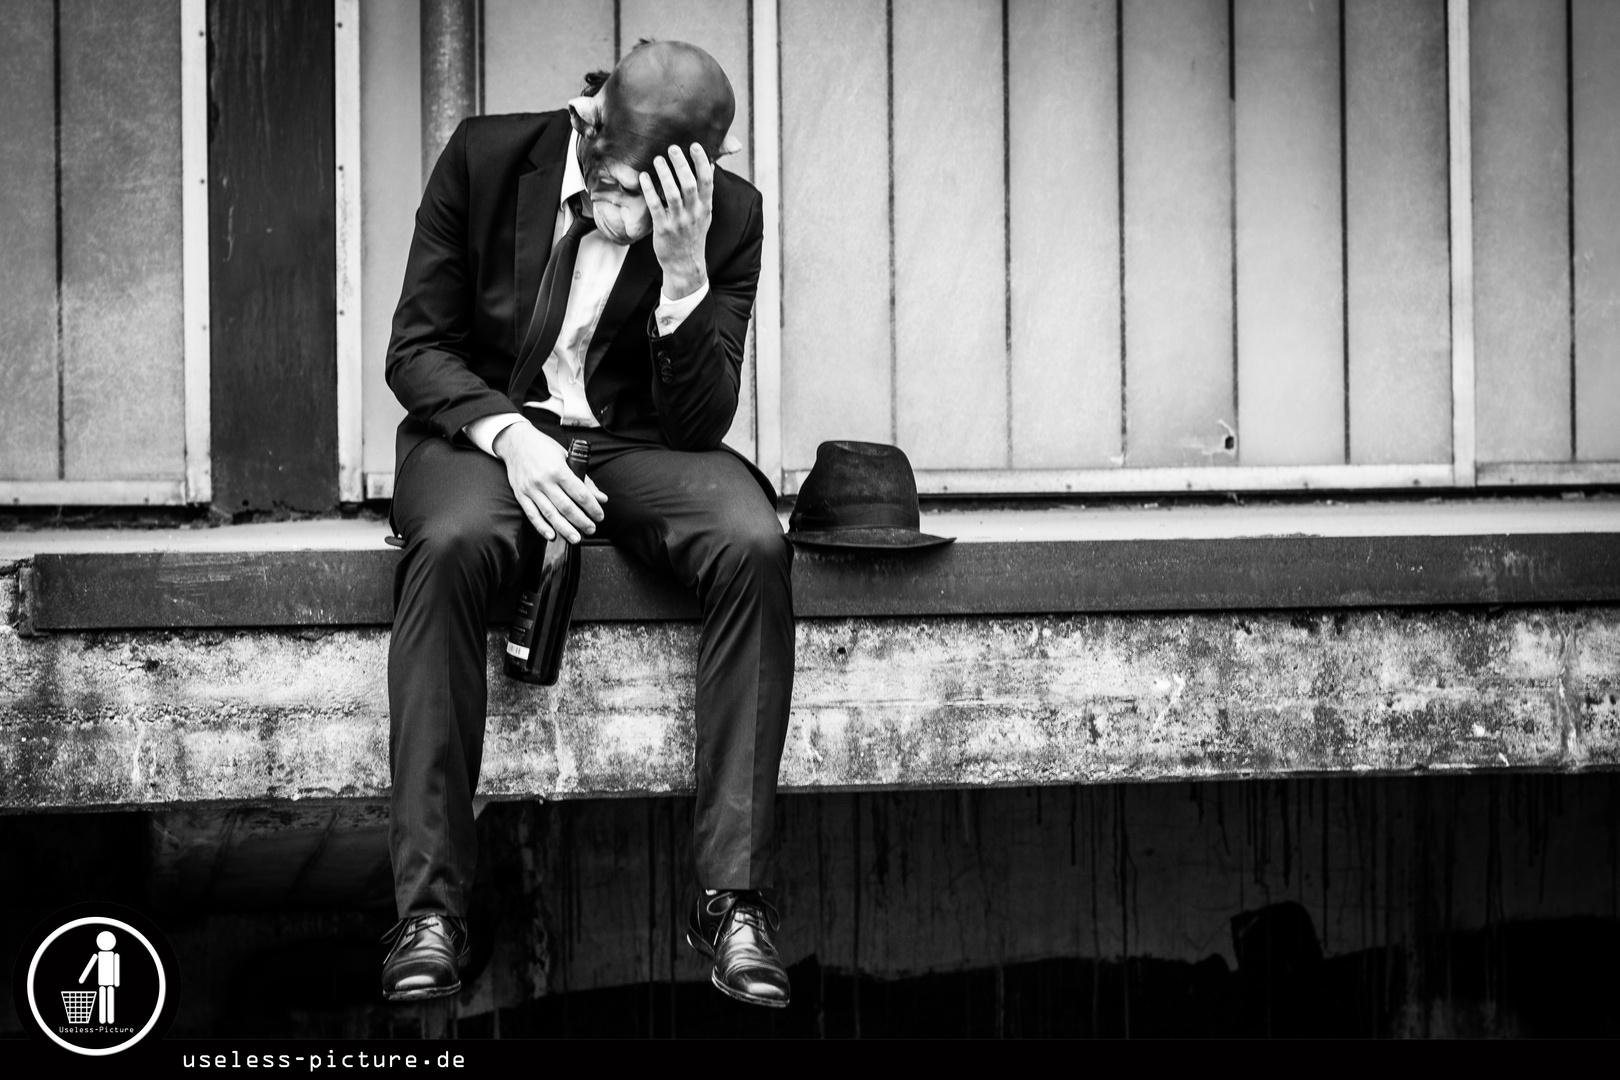 hoffnungslos Foto & Bild | szene, menschen Bilder auf